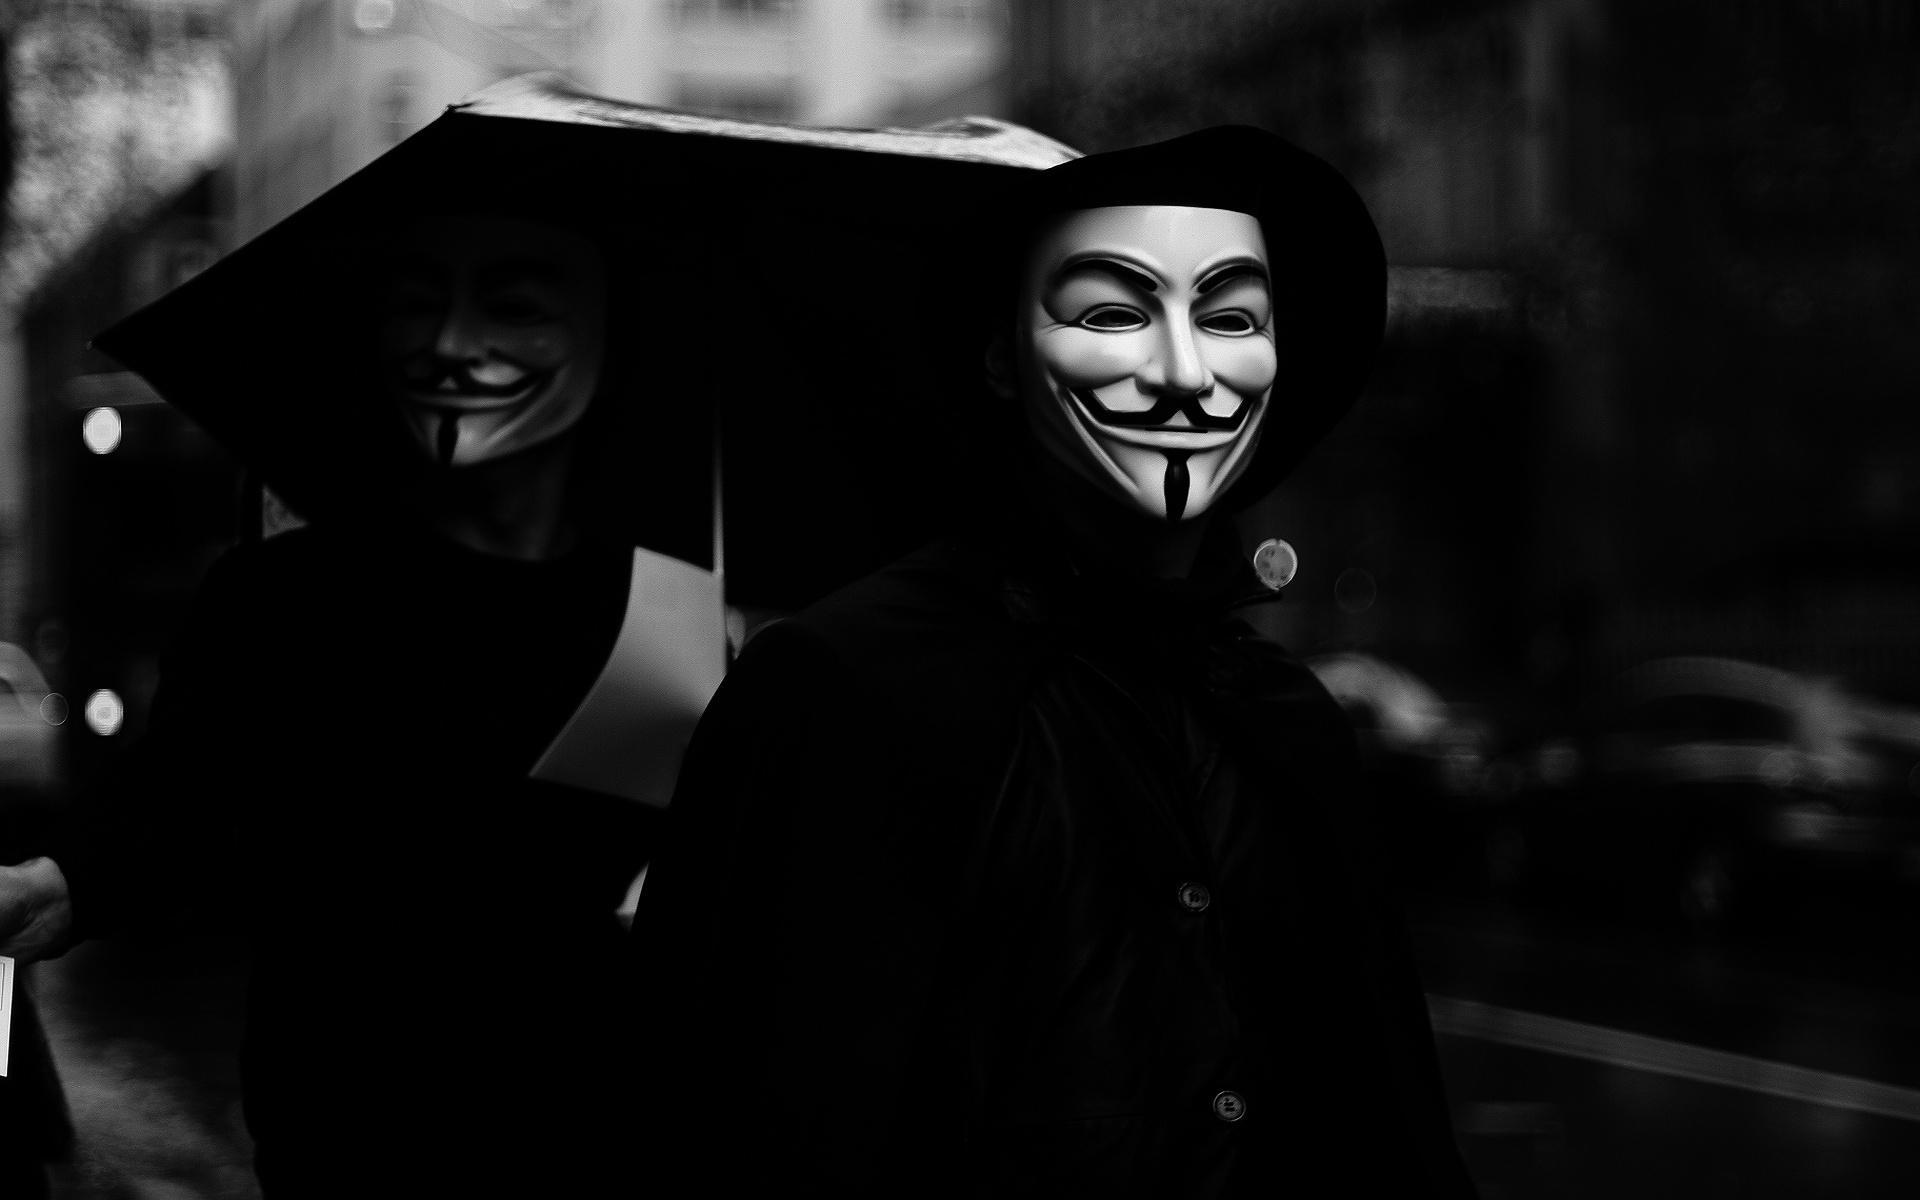 Ảnh Anonymous trắng đen